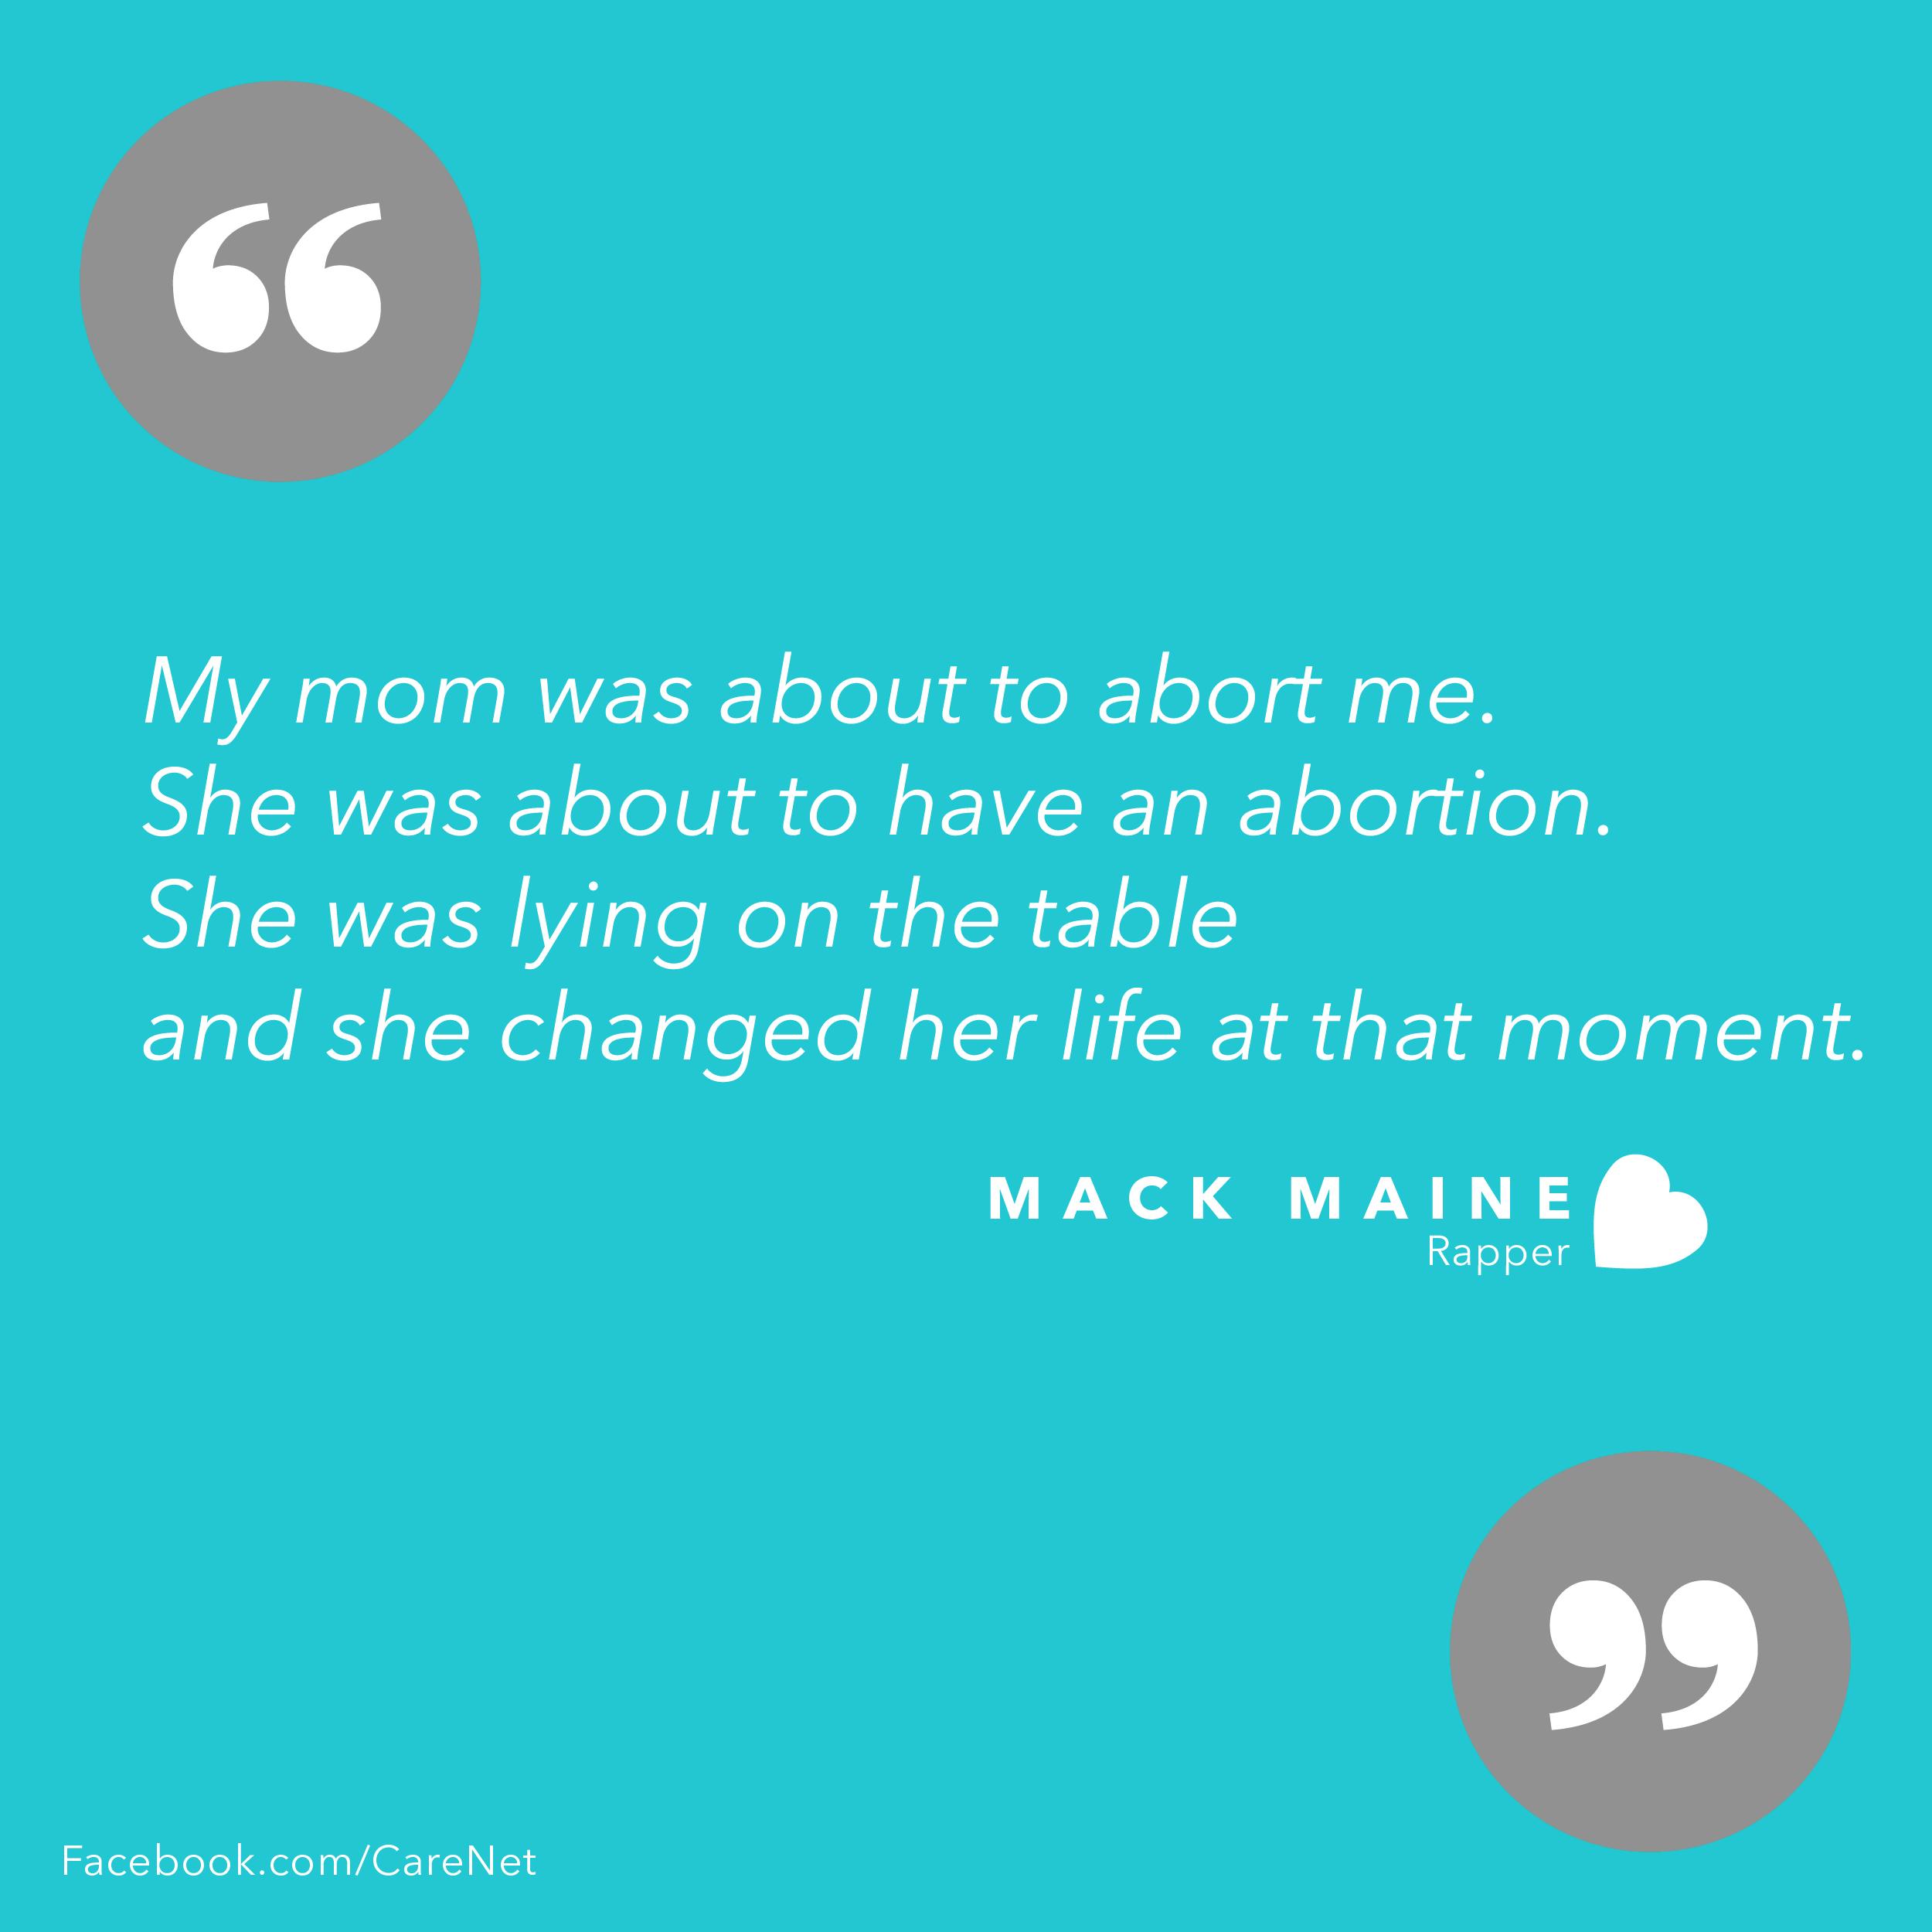 Mack Maine